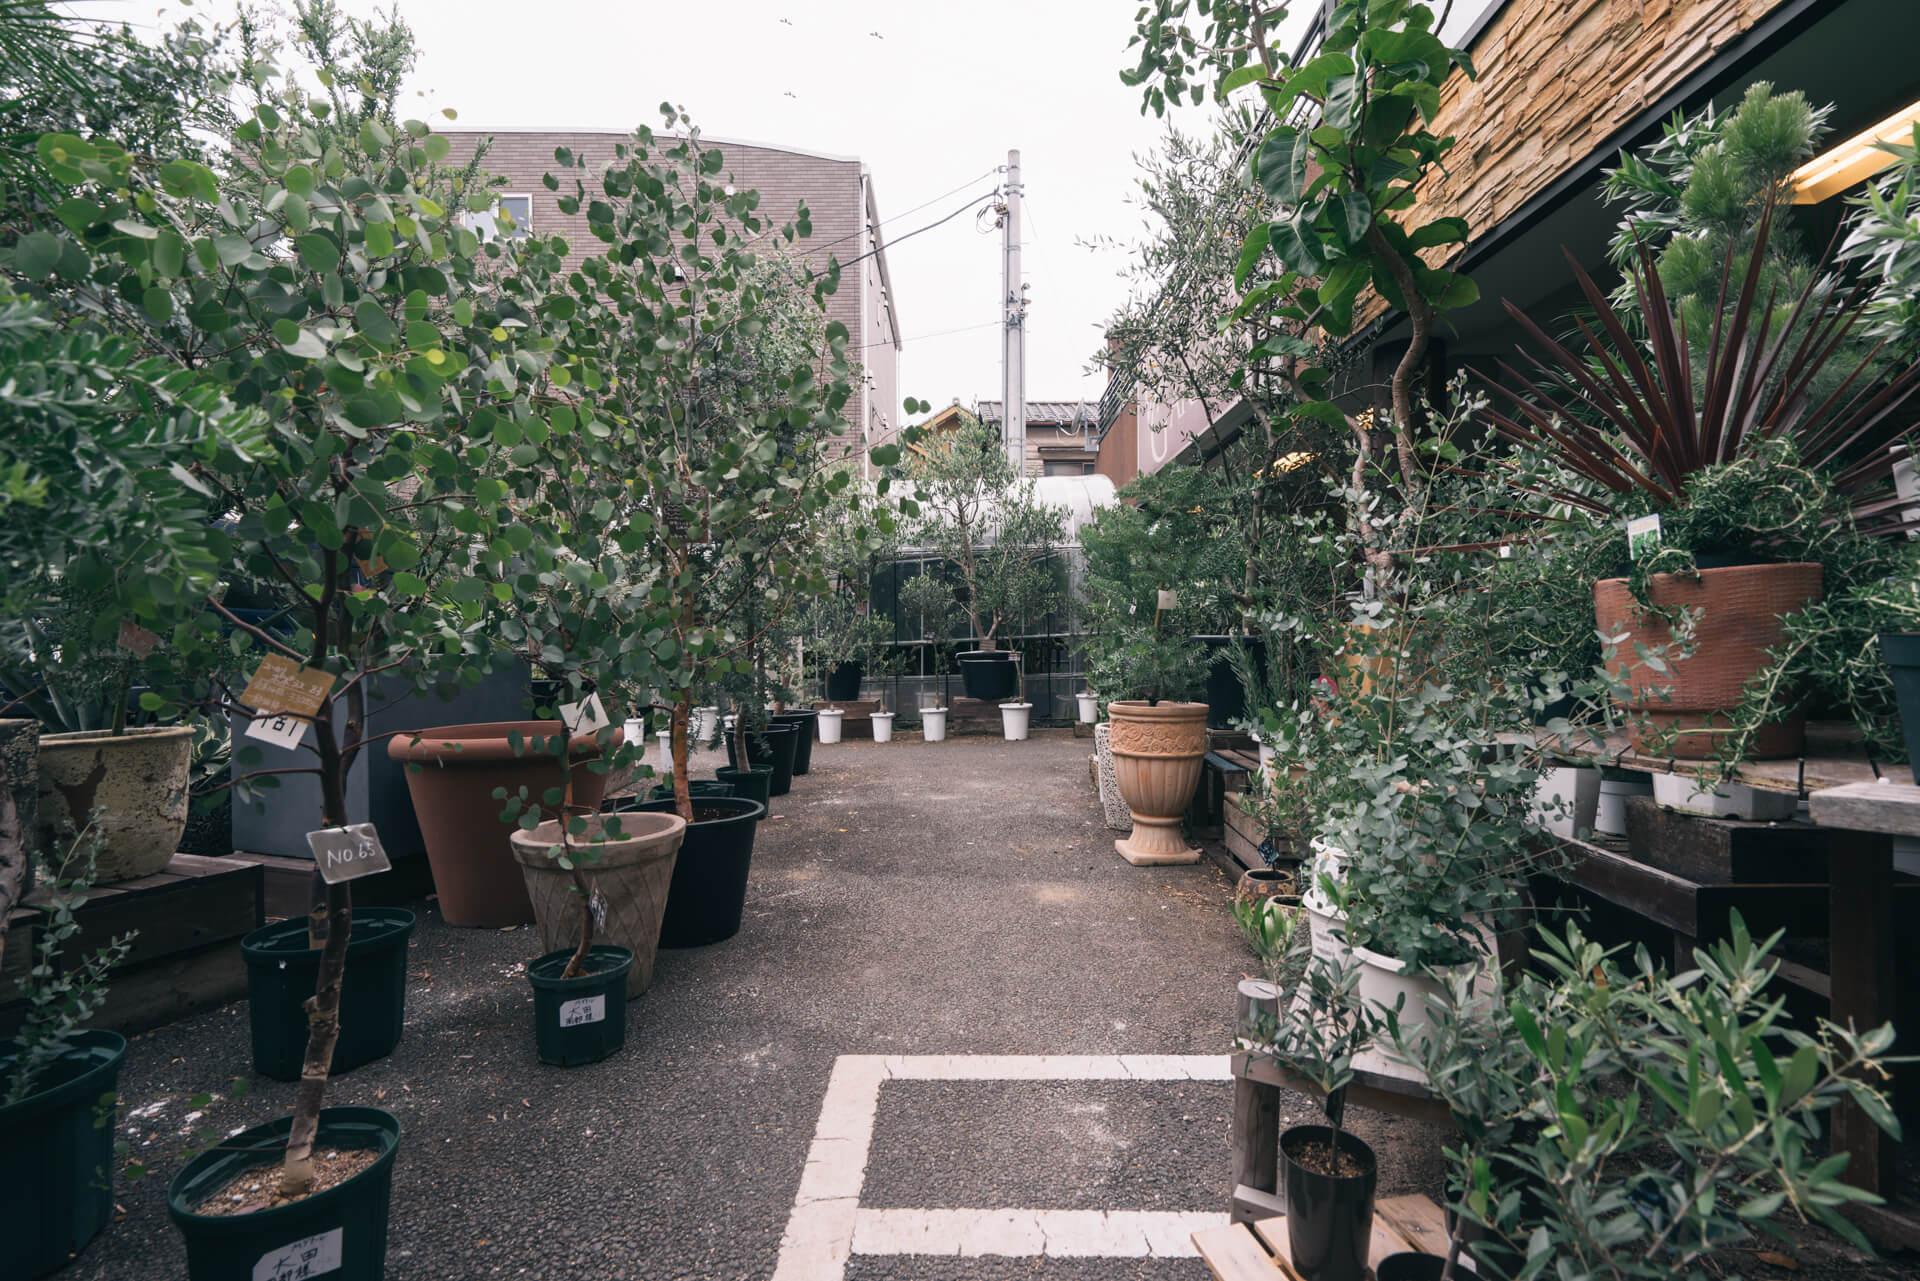 屋外には、ユーカリやオリーブなど、庭やベランダ用の植物もたくさん揃います。